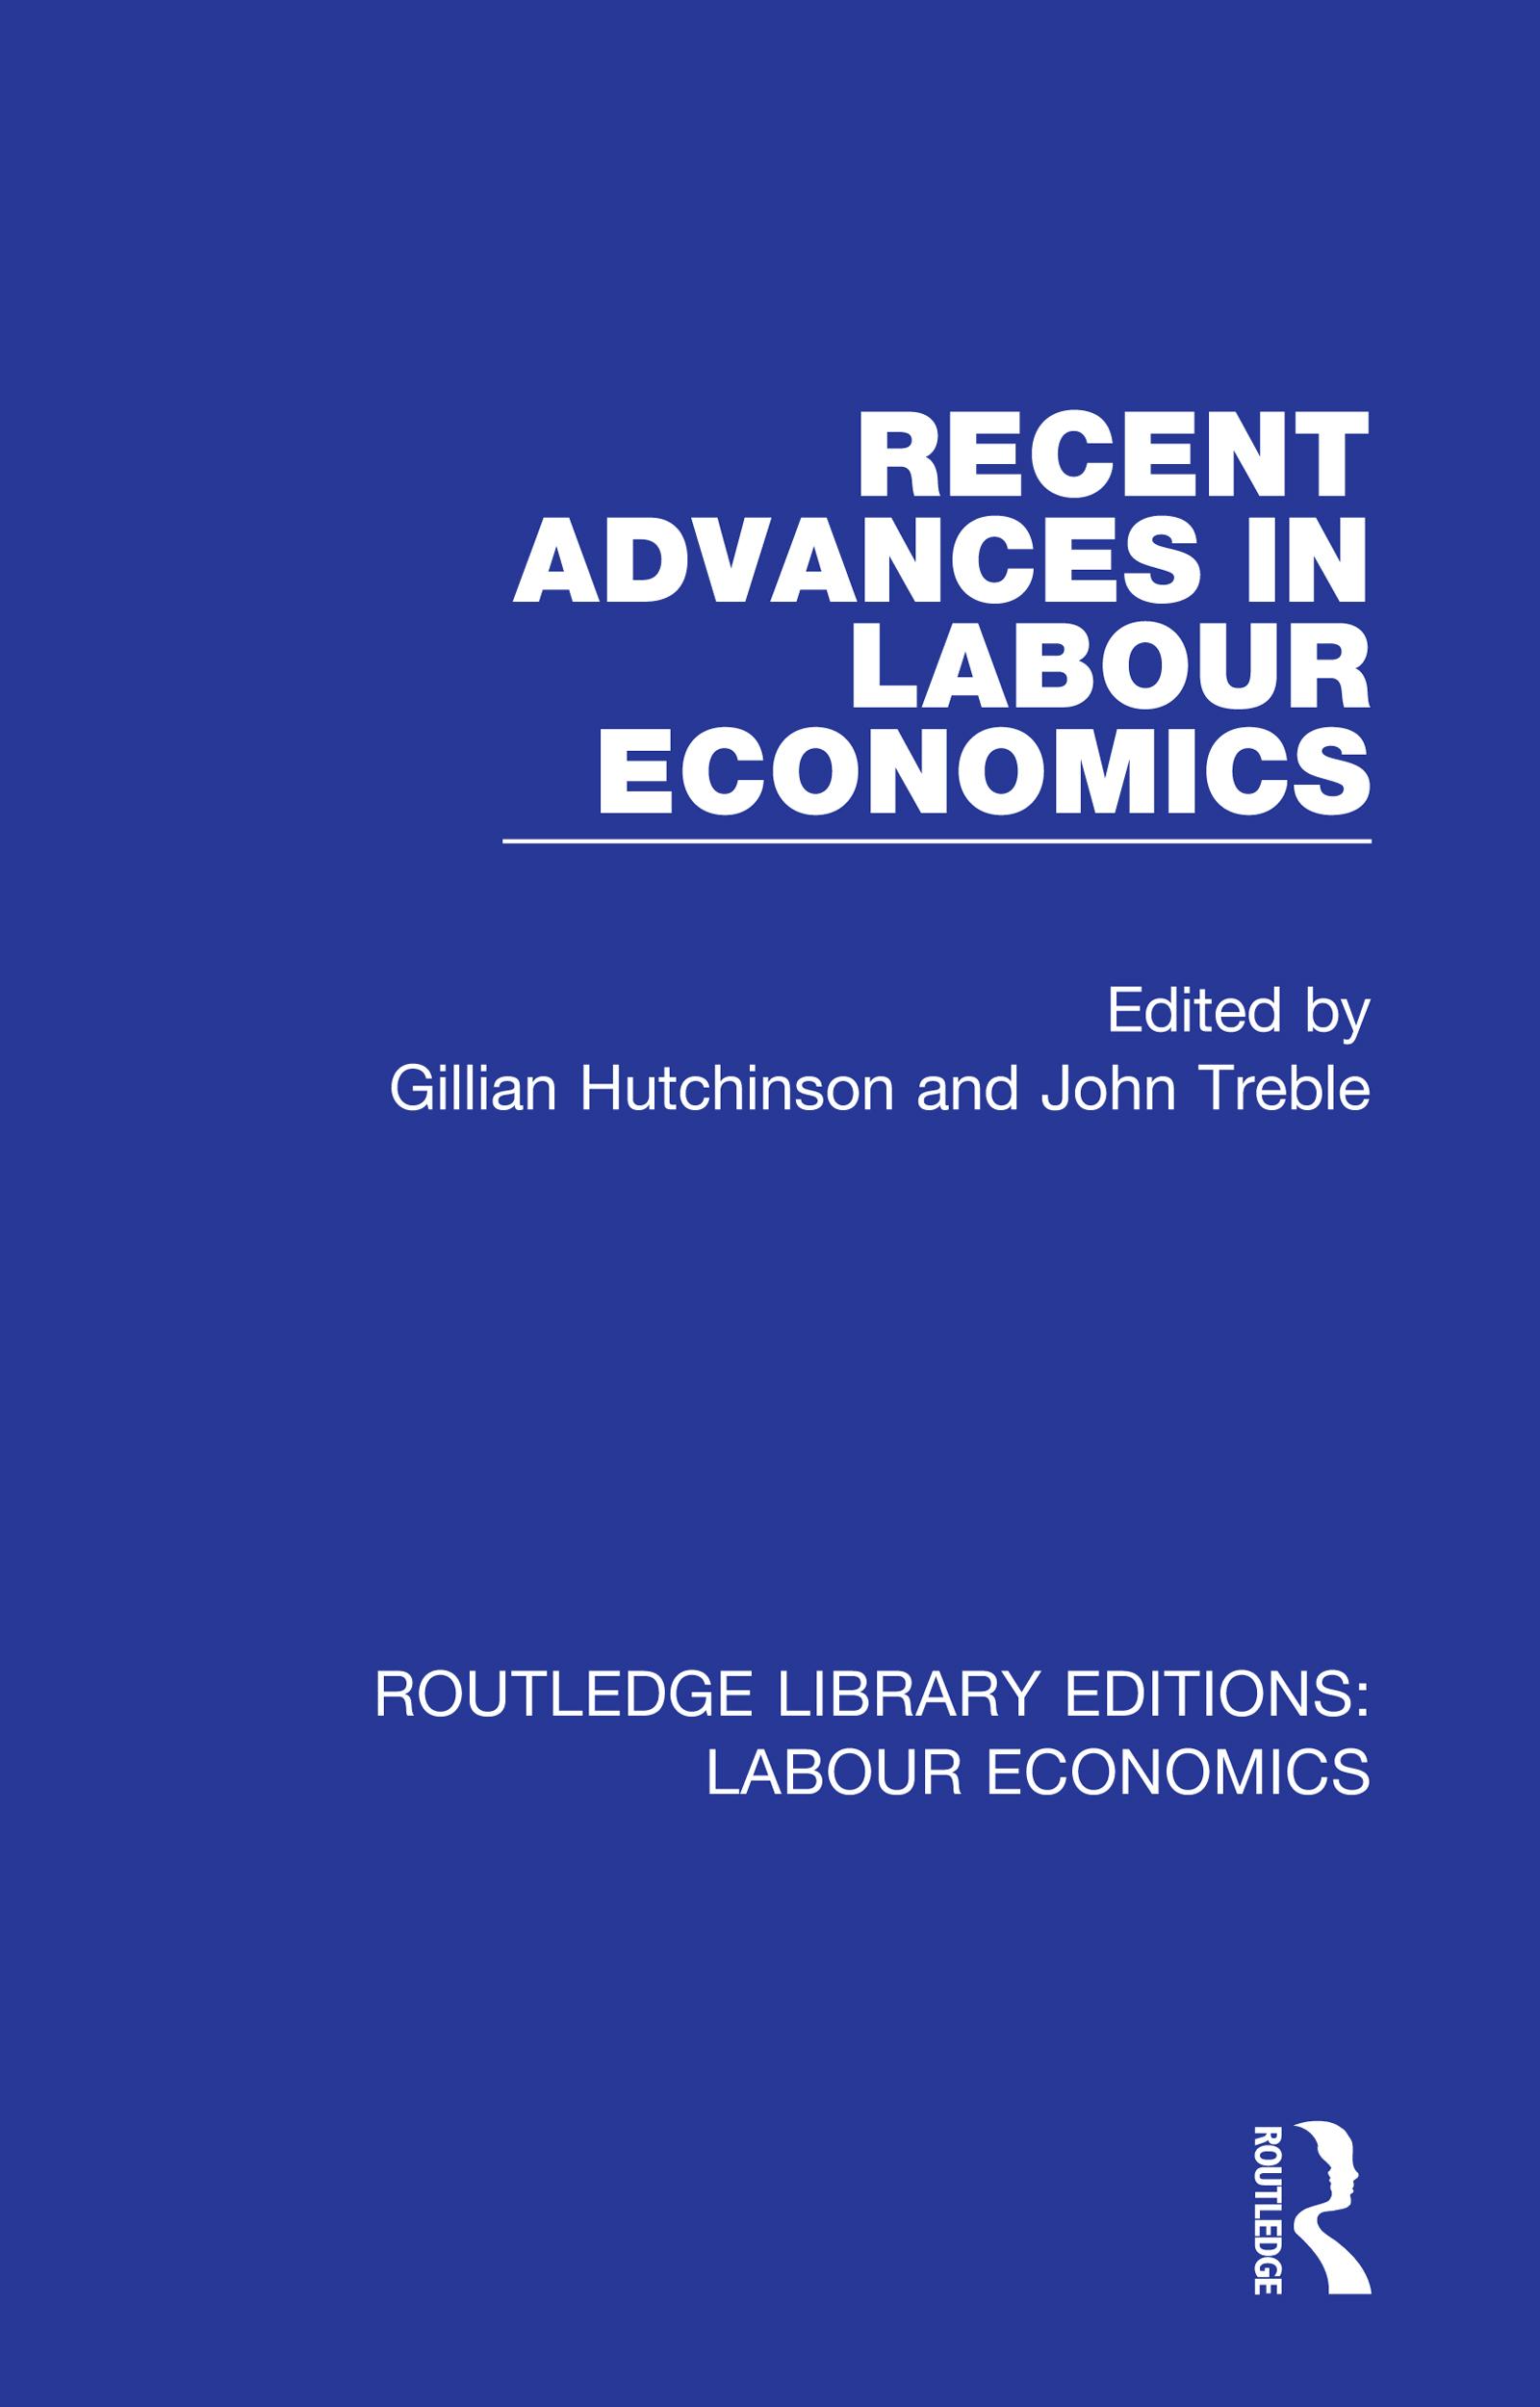 Recent Advances in Labour Economics